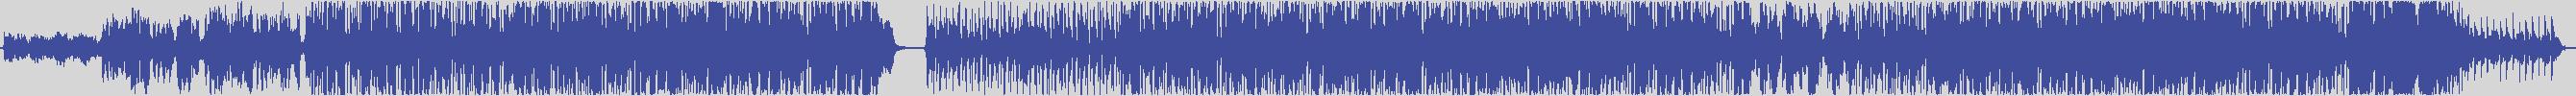 gold_hit_records [GHR003] Lucas Castro - Qué Voy a Hacer? [Radio Edit] audio wave form